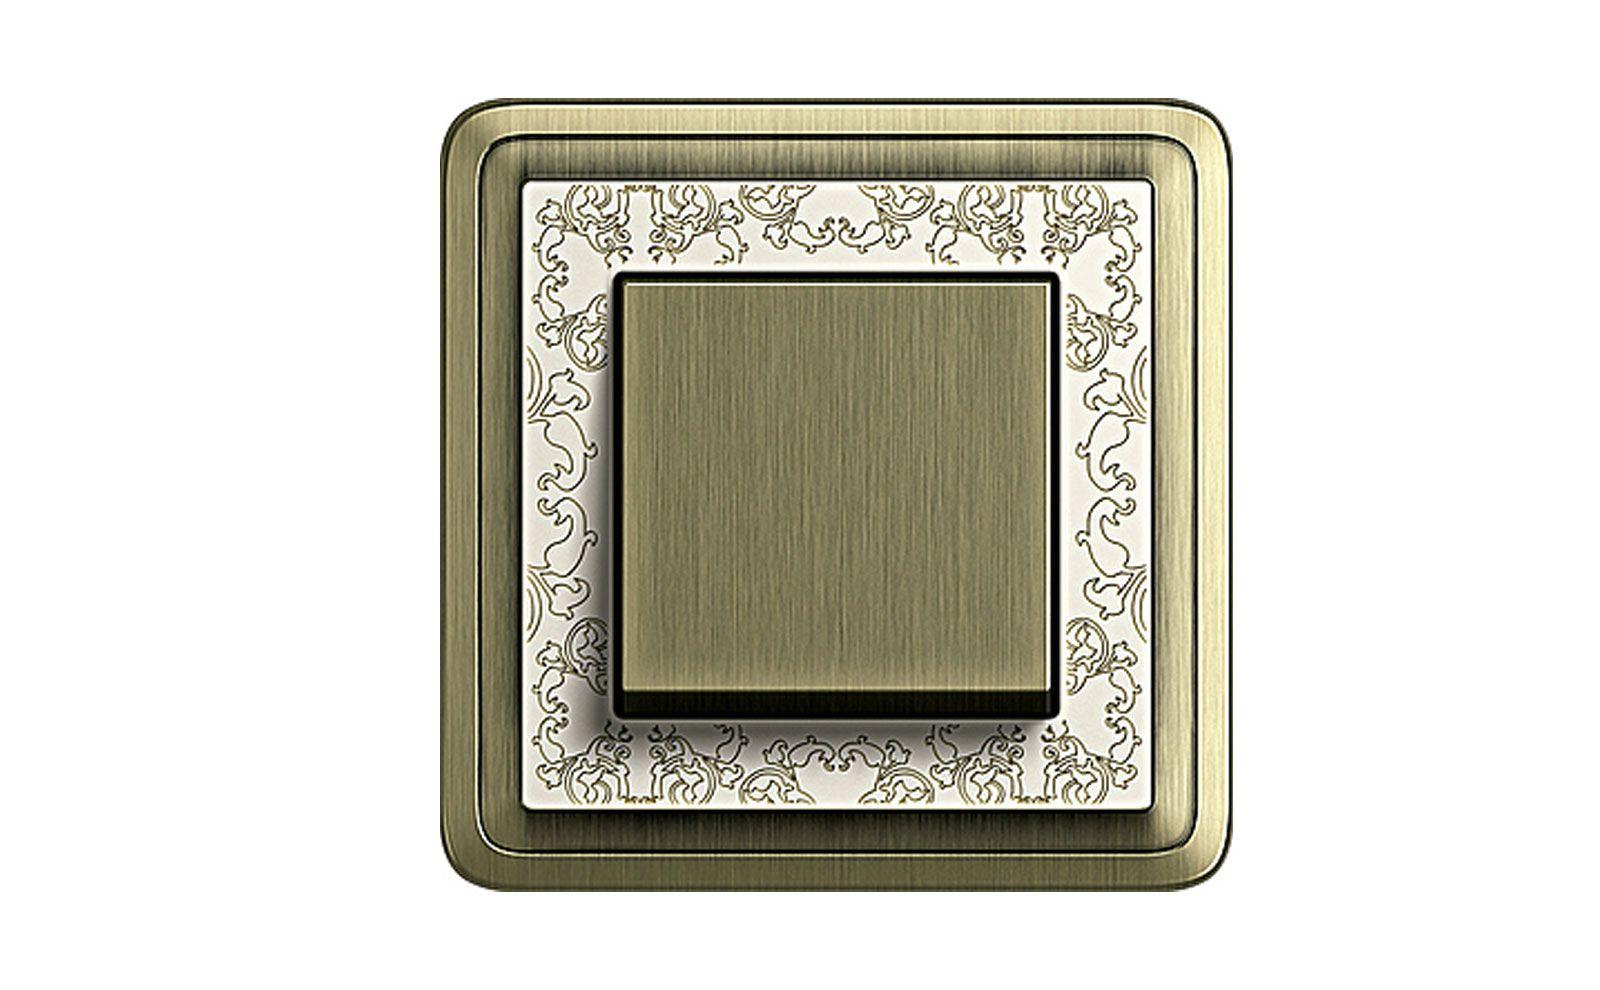 Wippschalter Gira ClassiX Bronze mit Rahmen Bronze-Cremeweiß